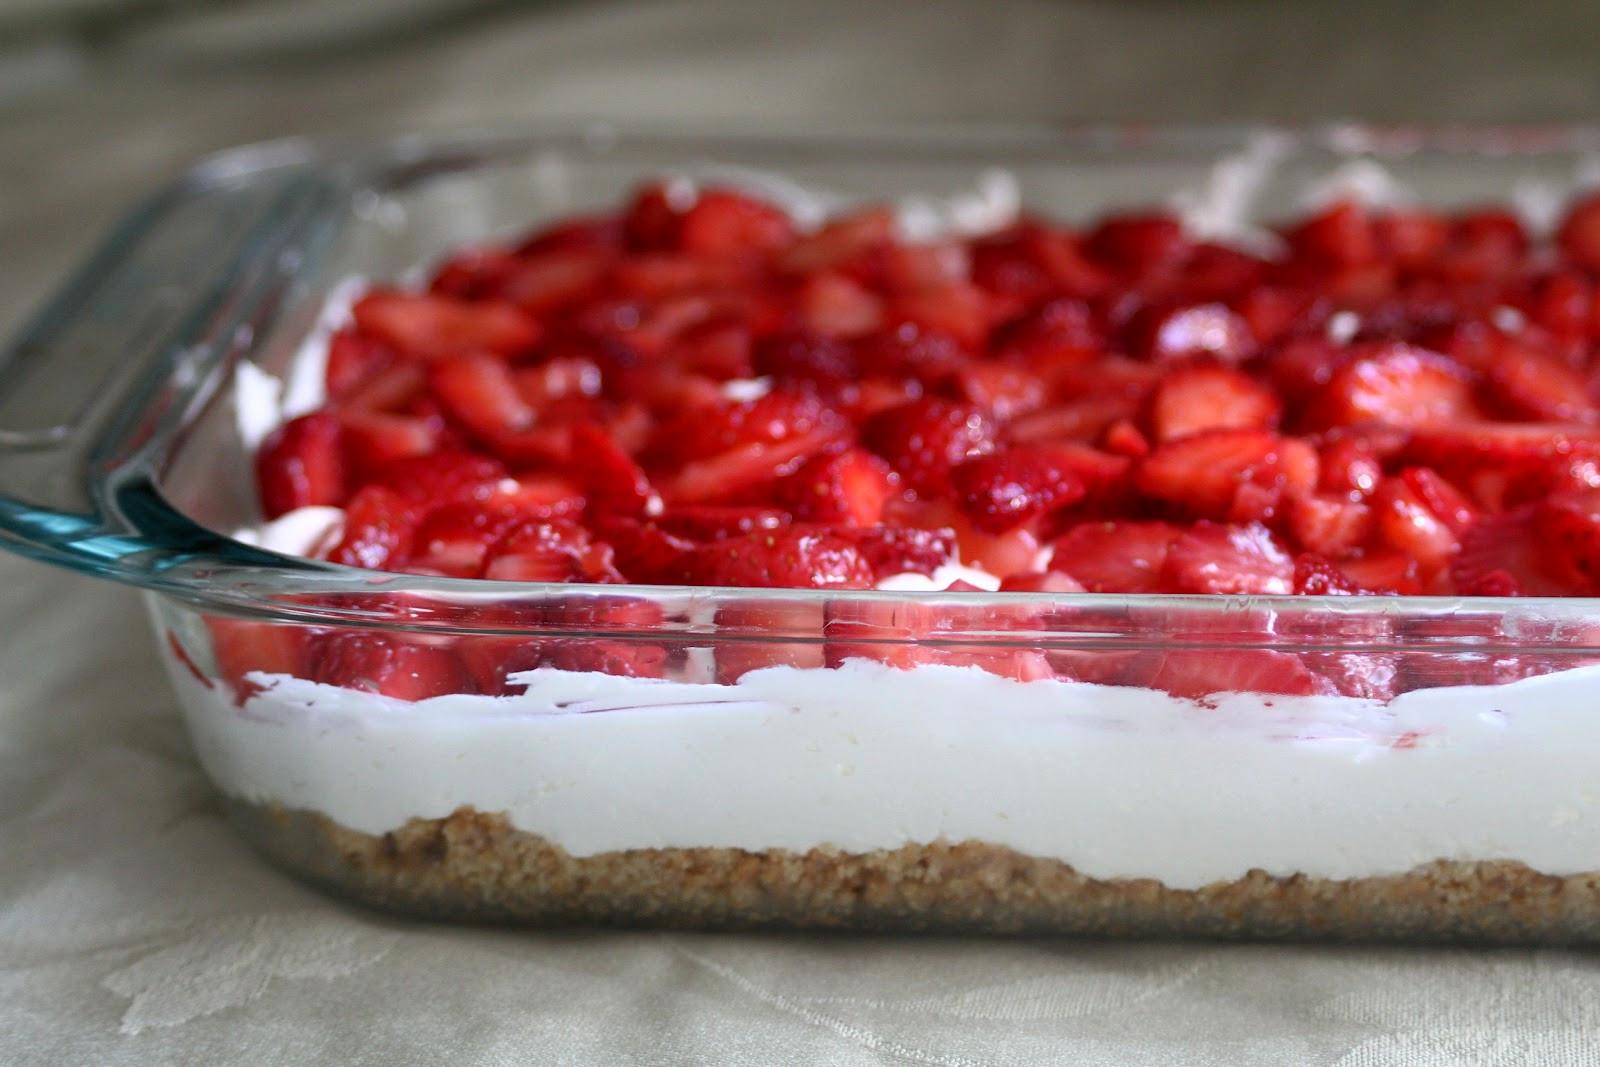 Strawberry Cream Cheese Graham Cracker Dessert  Baker Homemaker Sensational Strawberry Cream Dessert